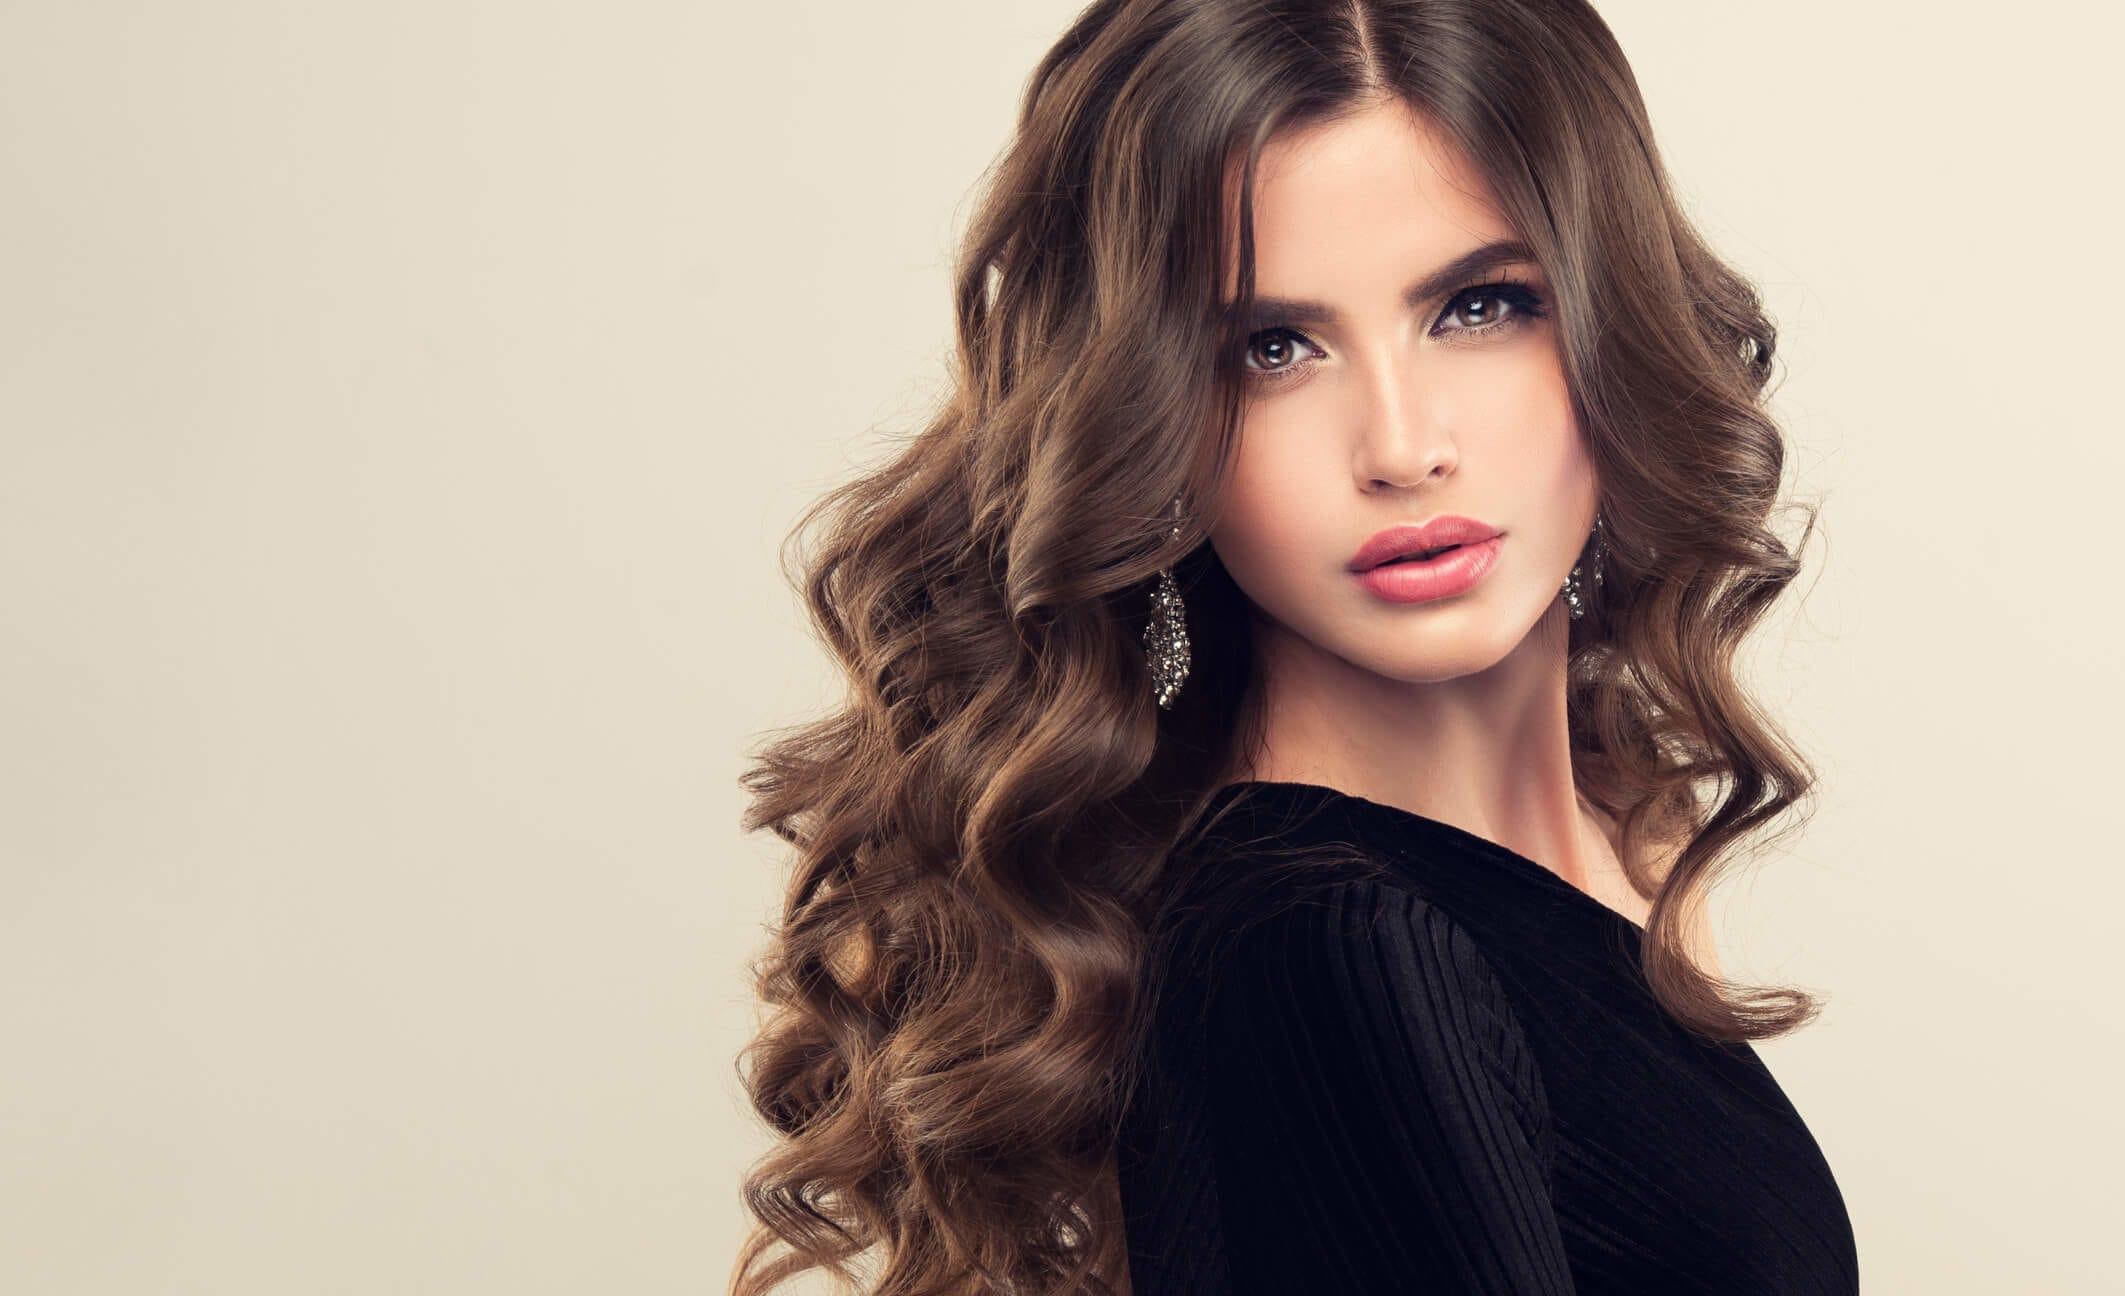 Peinados para caras ovaladas: Estilos para embellecer tu rostro